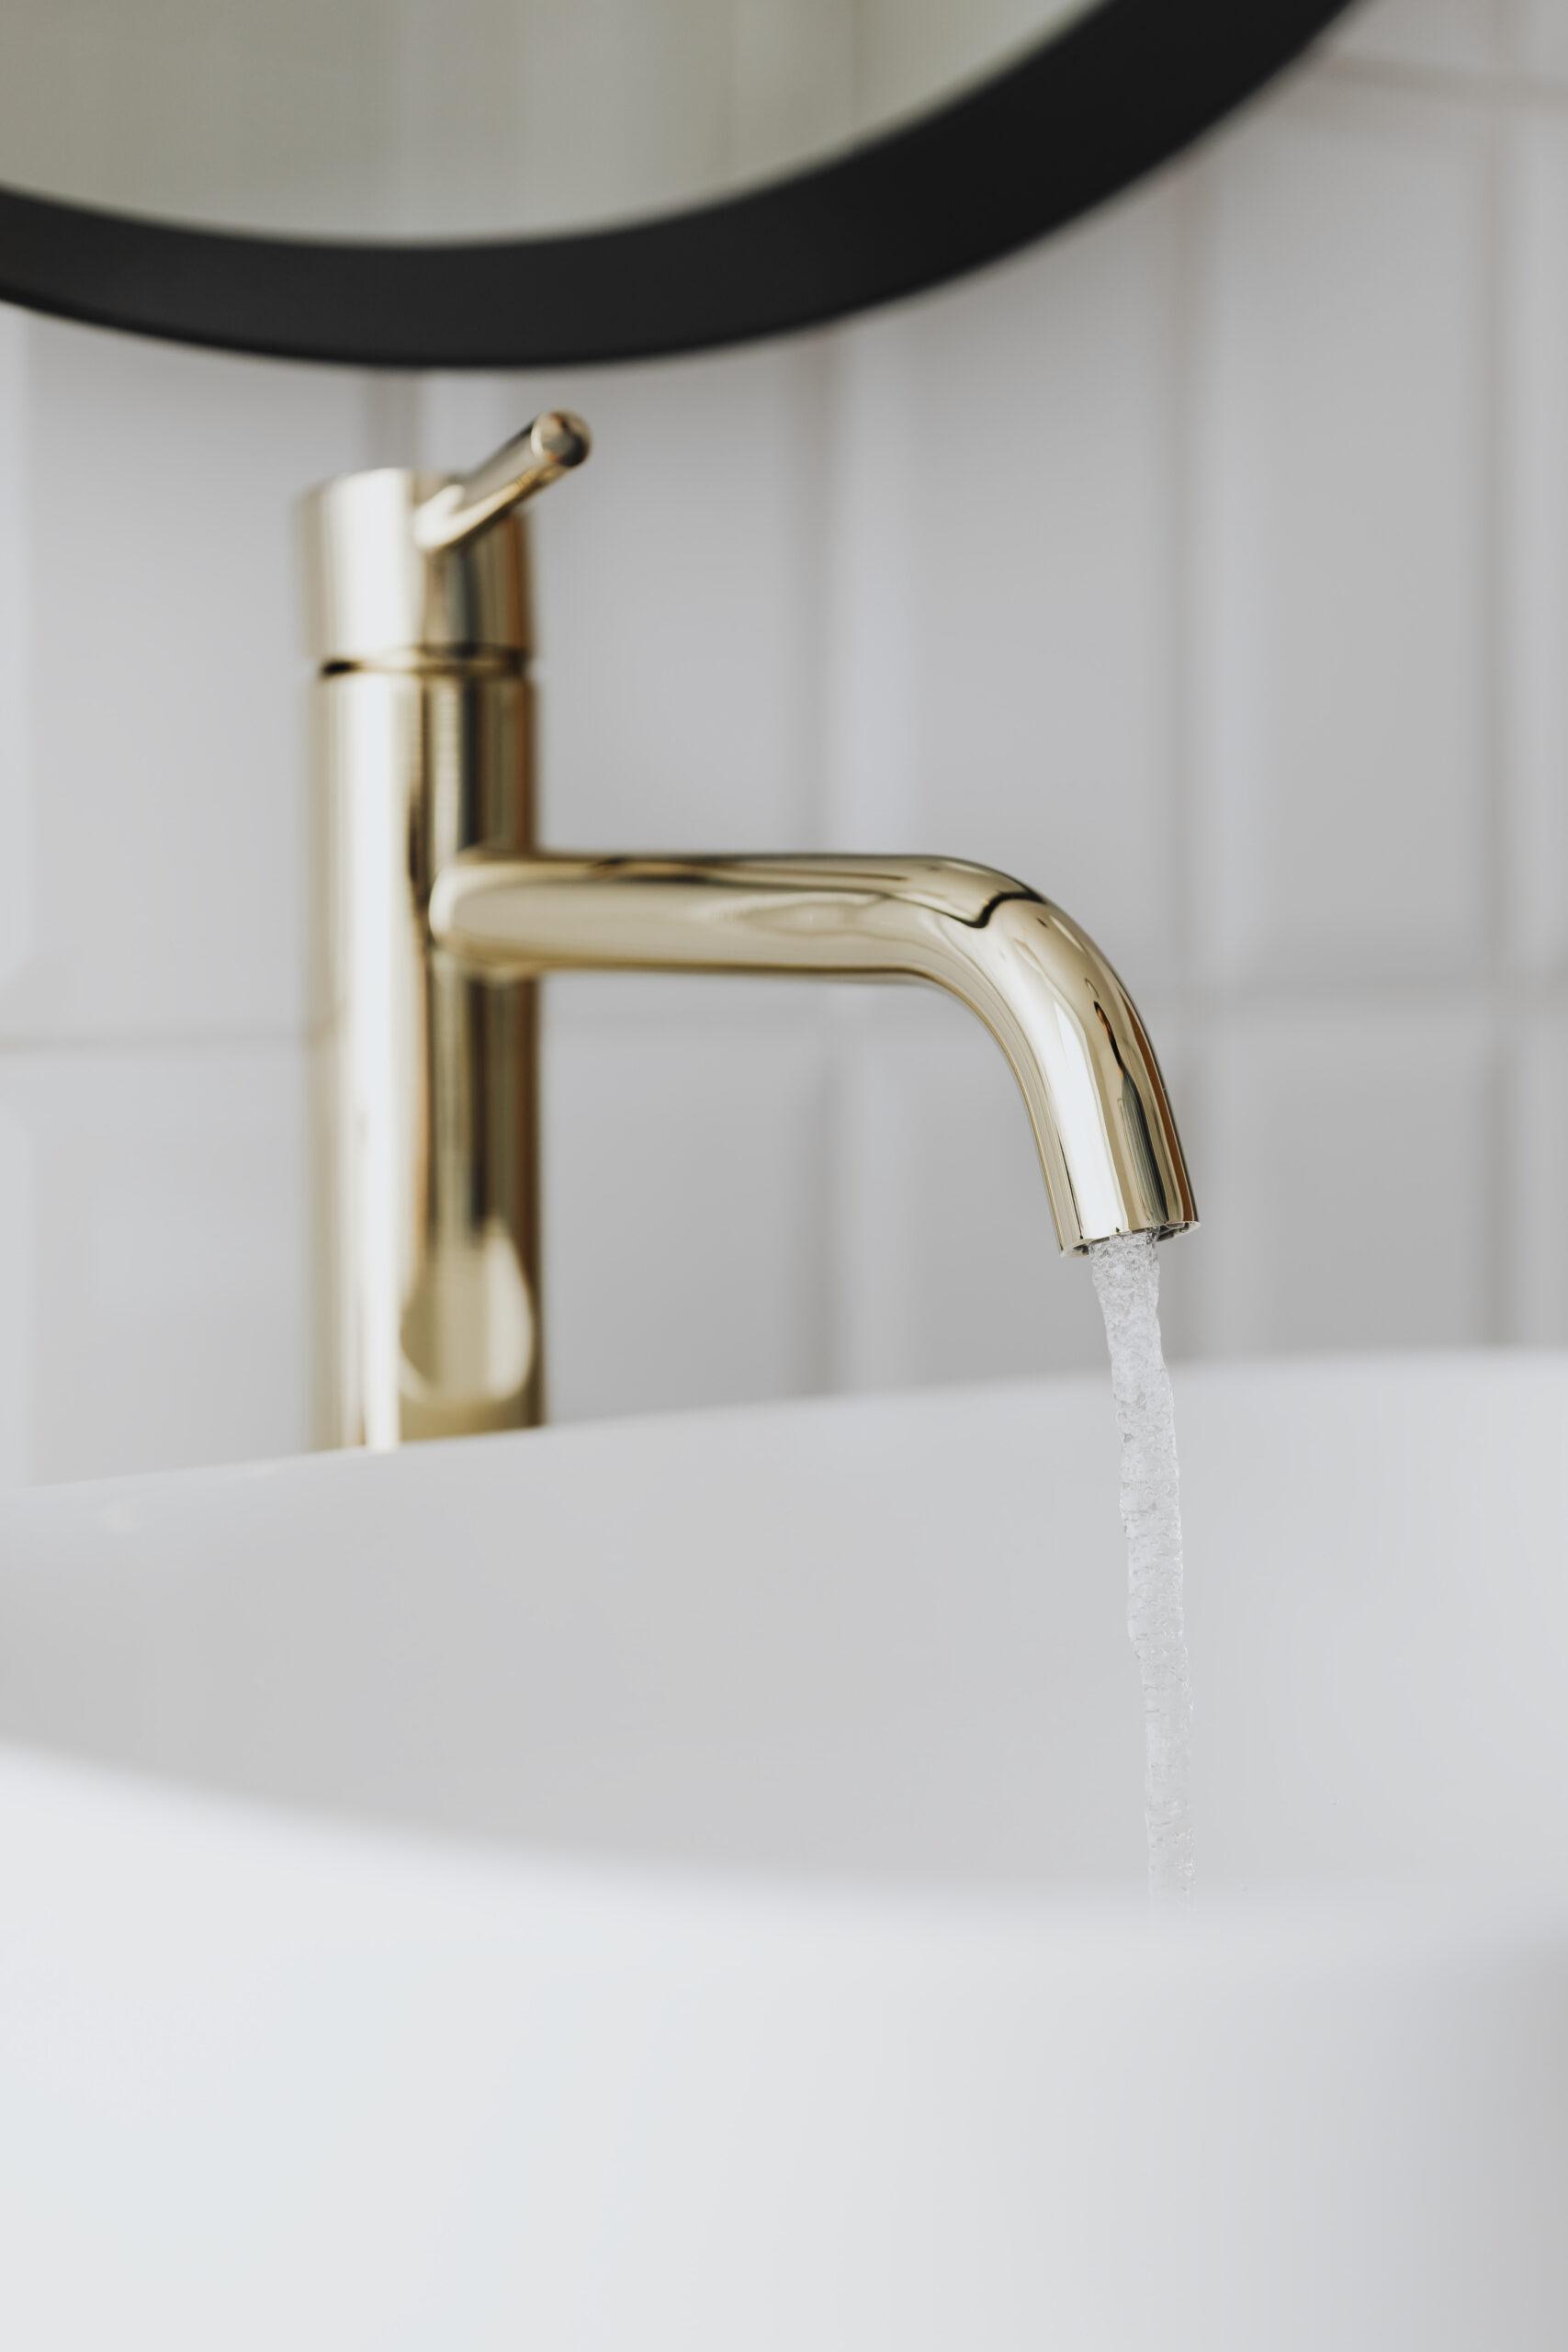 open faucet